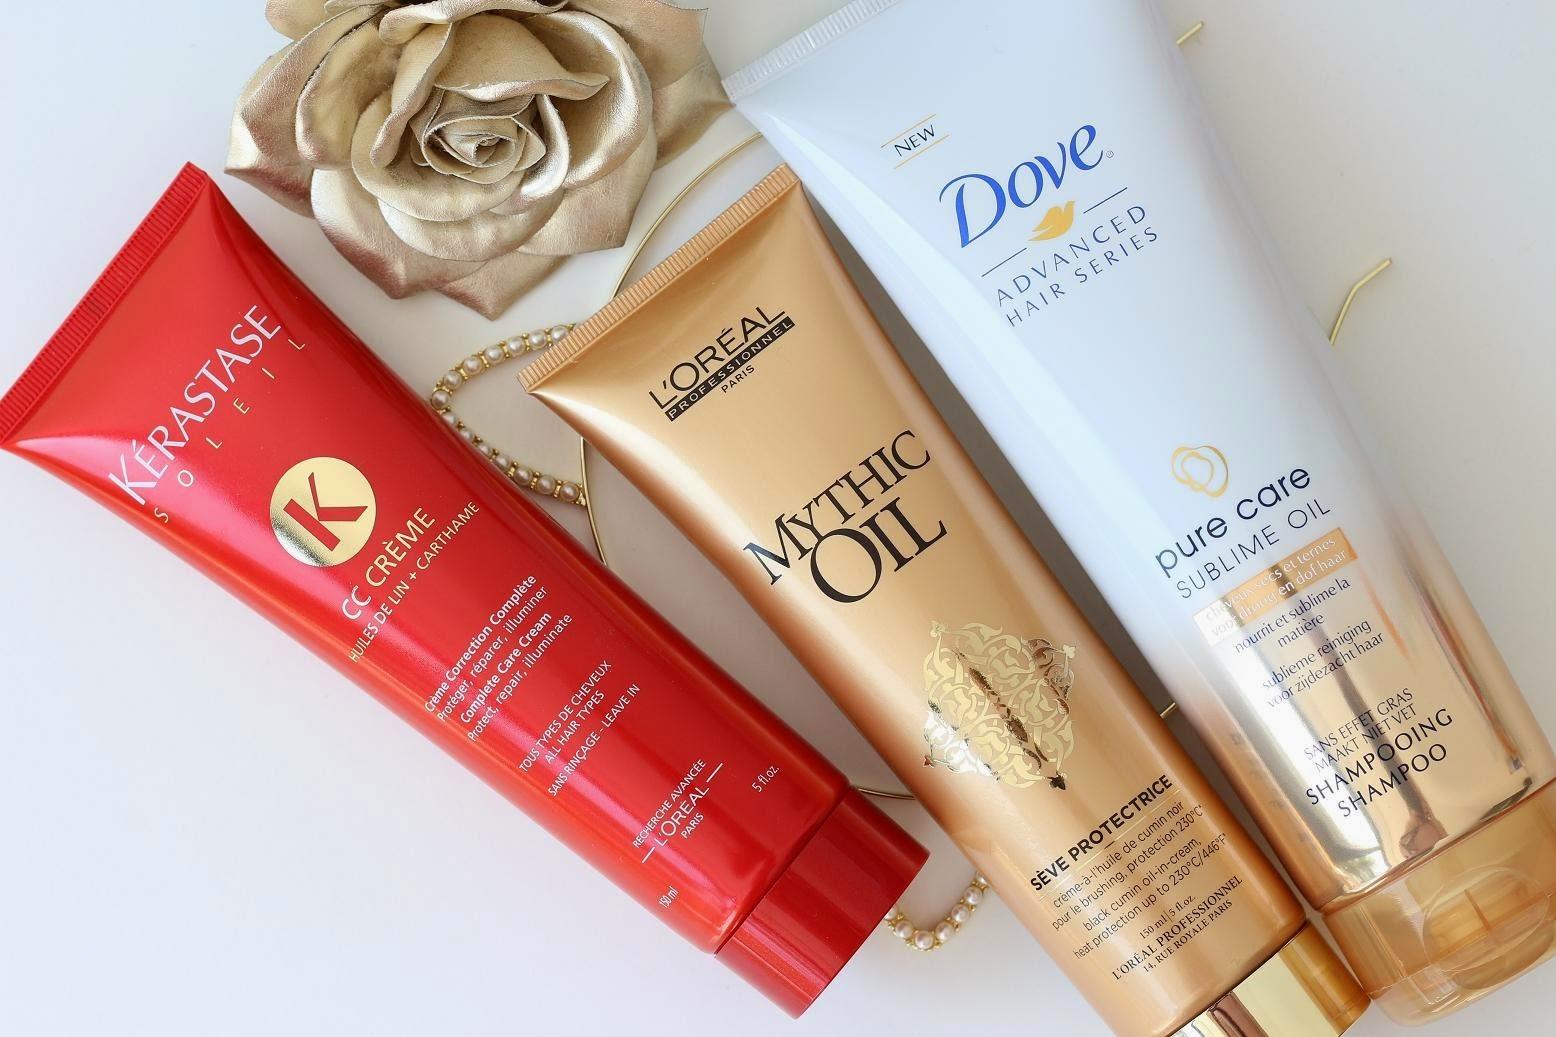 Kérastase CC Crème - L'Oréal Professionnel Mythic Oil - Dove Pure Care Sublime Oil